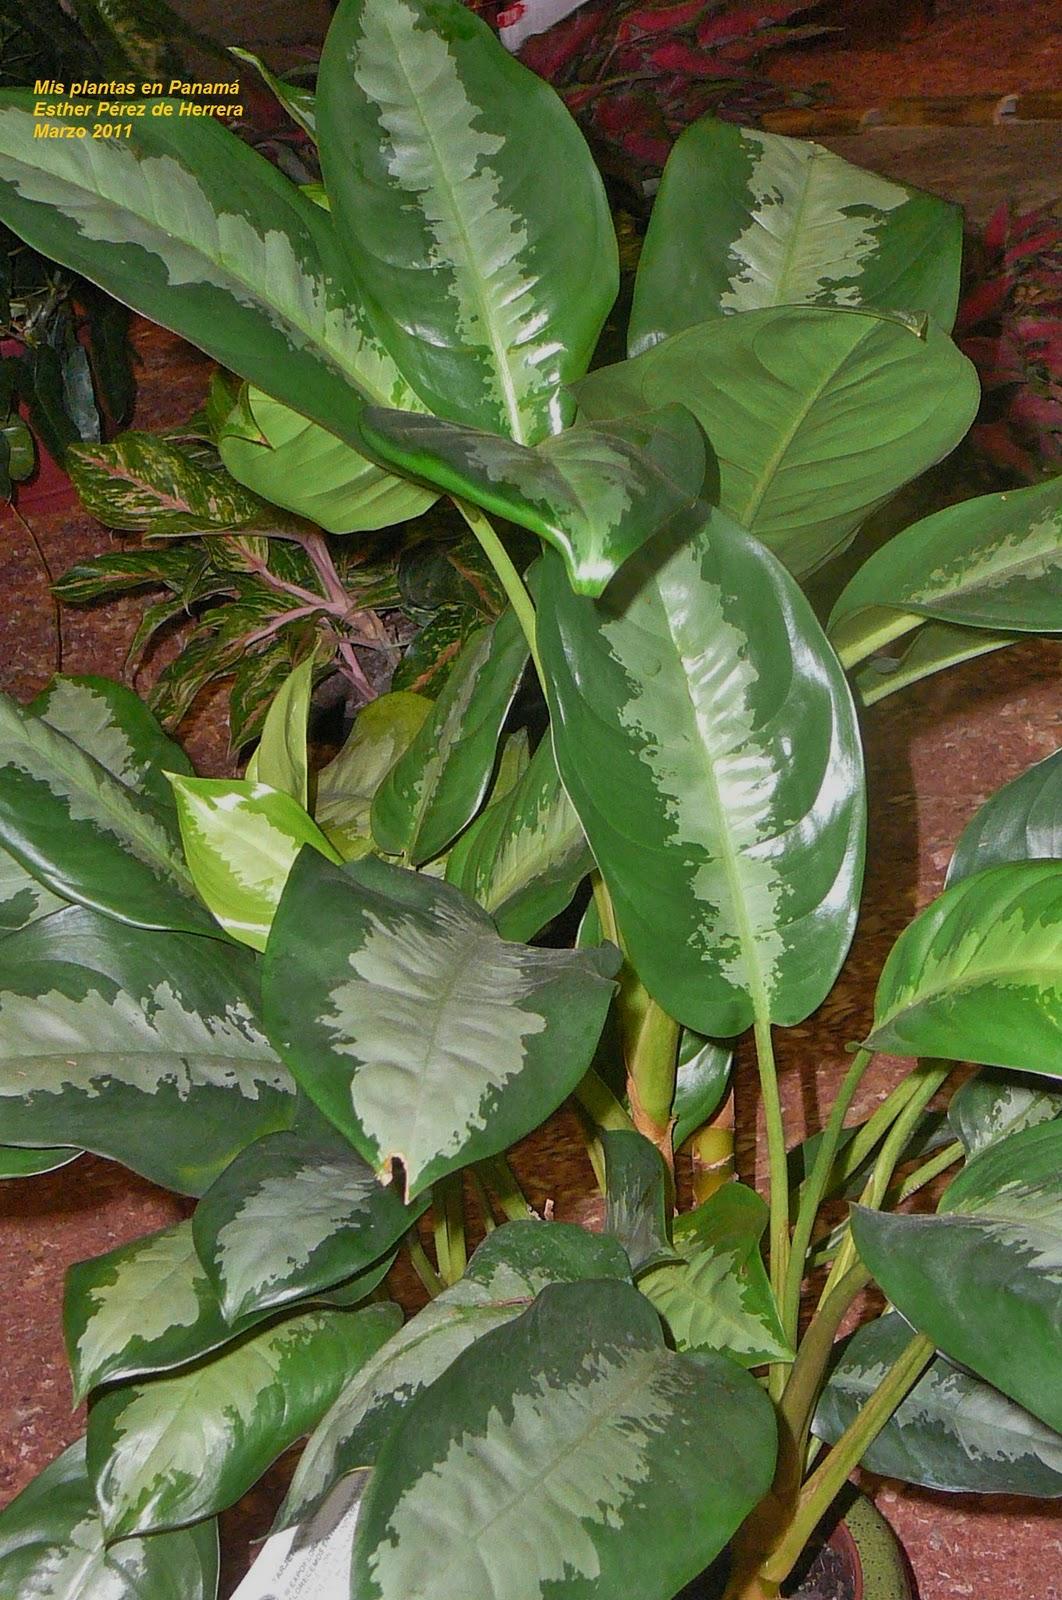 Mis plantas en panam aglaonema for Raices ornamentales